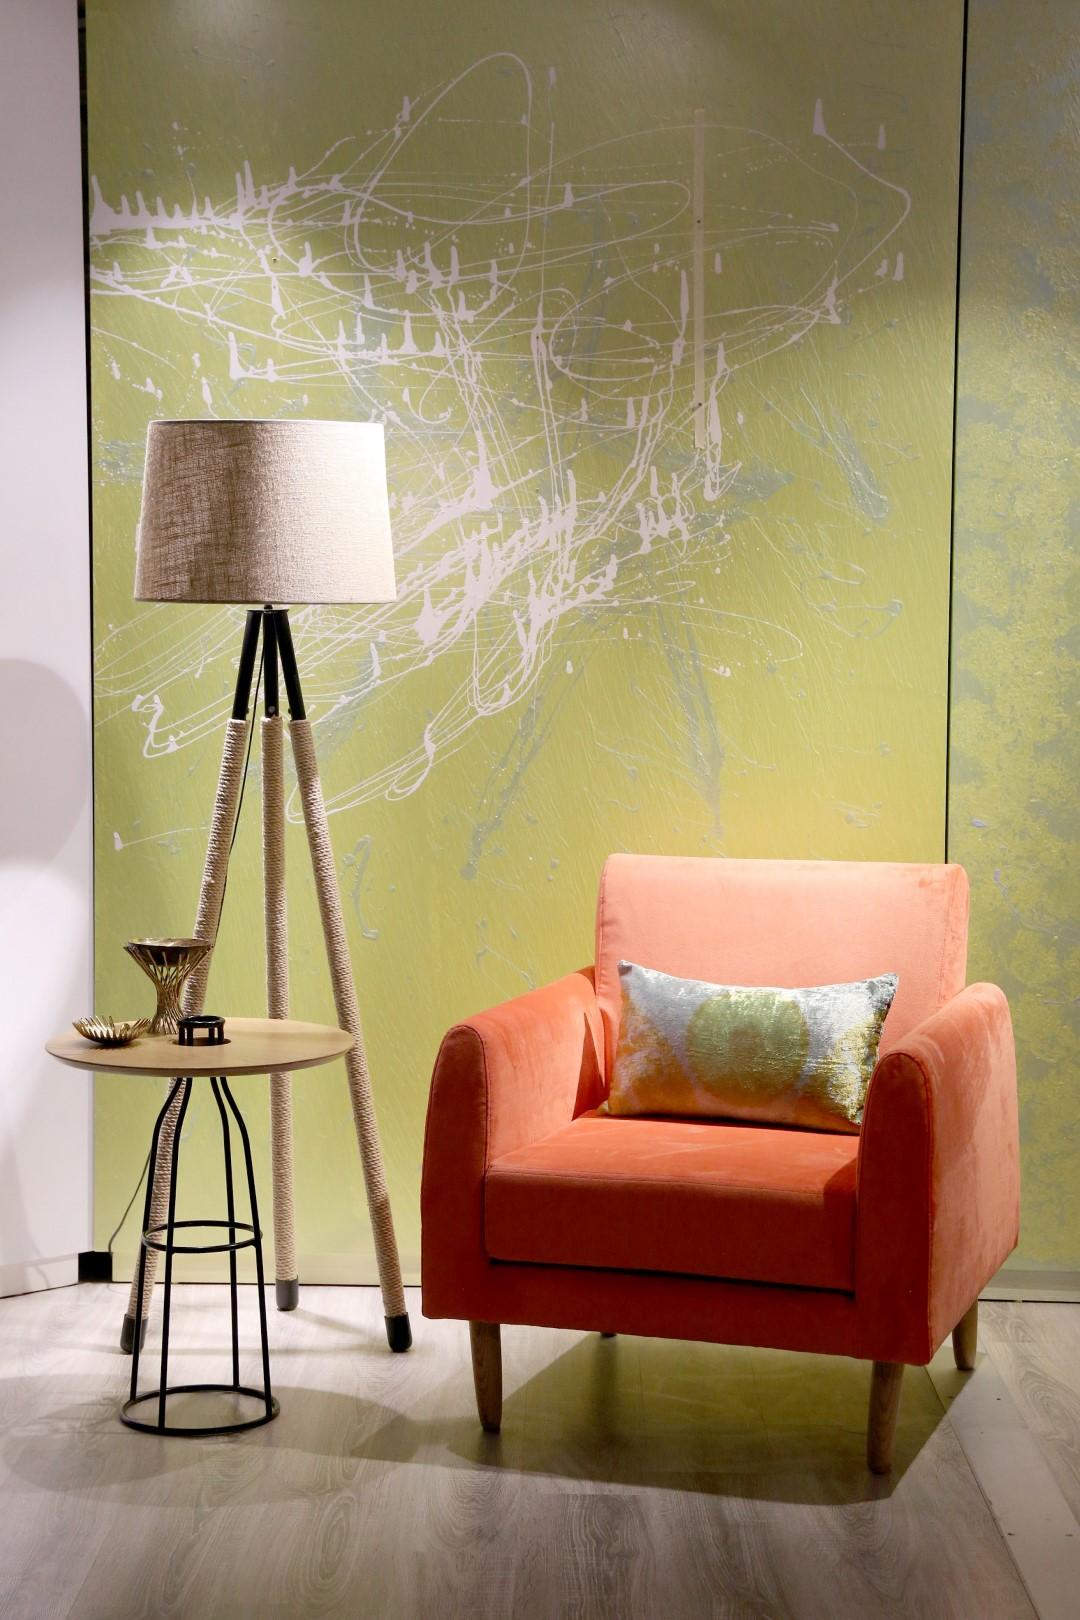 Buka Tasarımdan Mercan Rengi Dekorasyon önerileri Yapı Dergisi